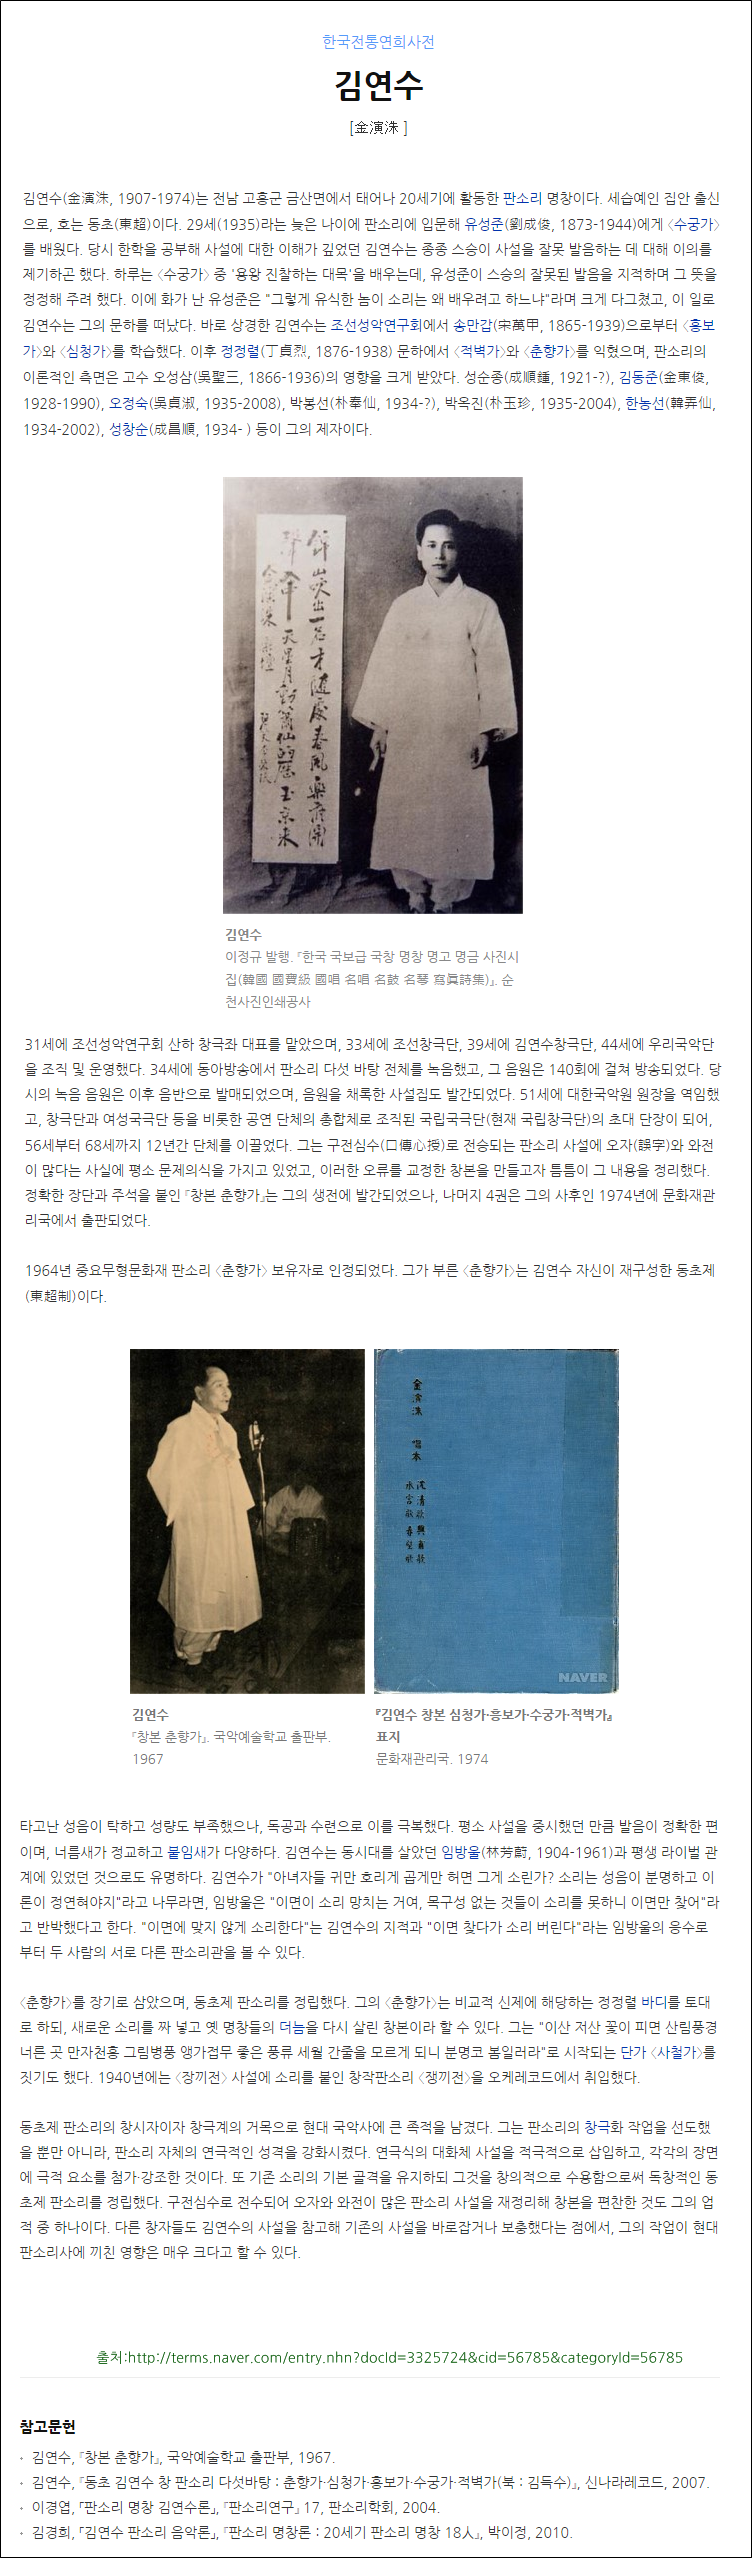 한국전통연희사전_동초_김연수.png